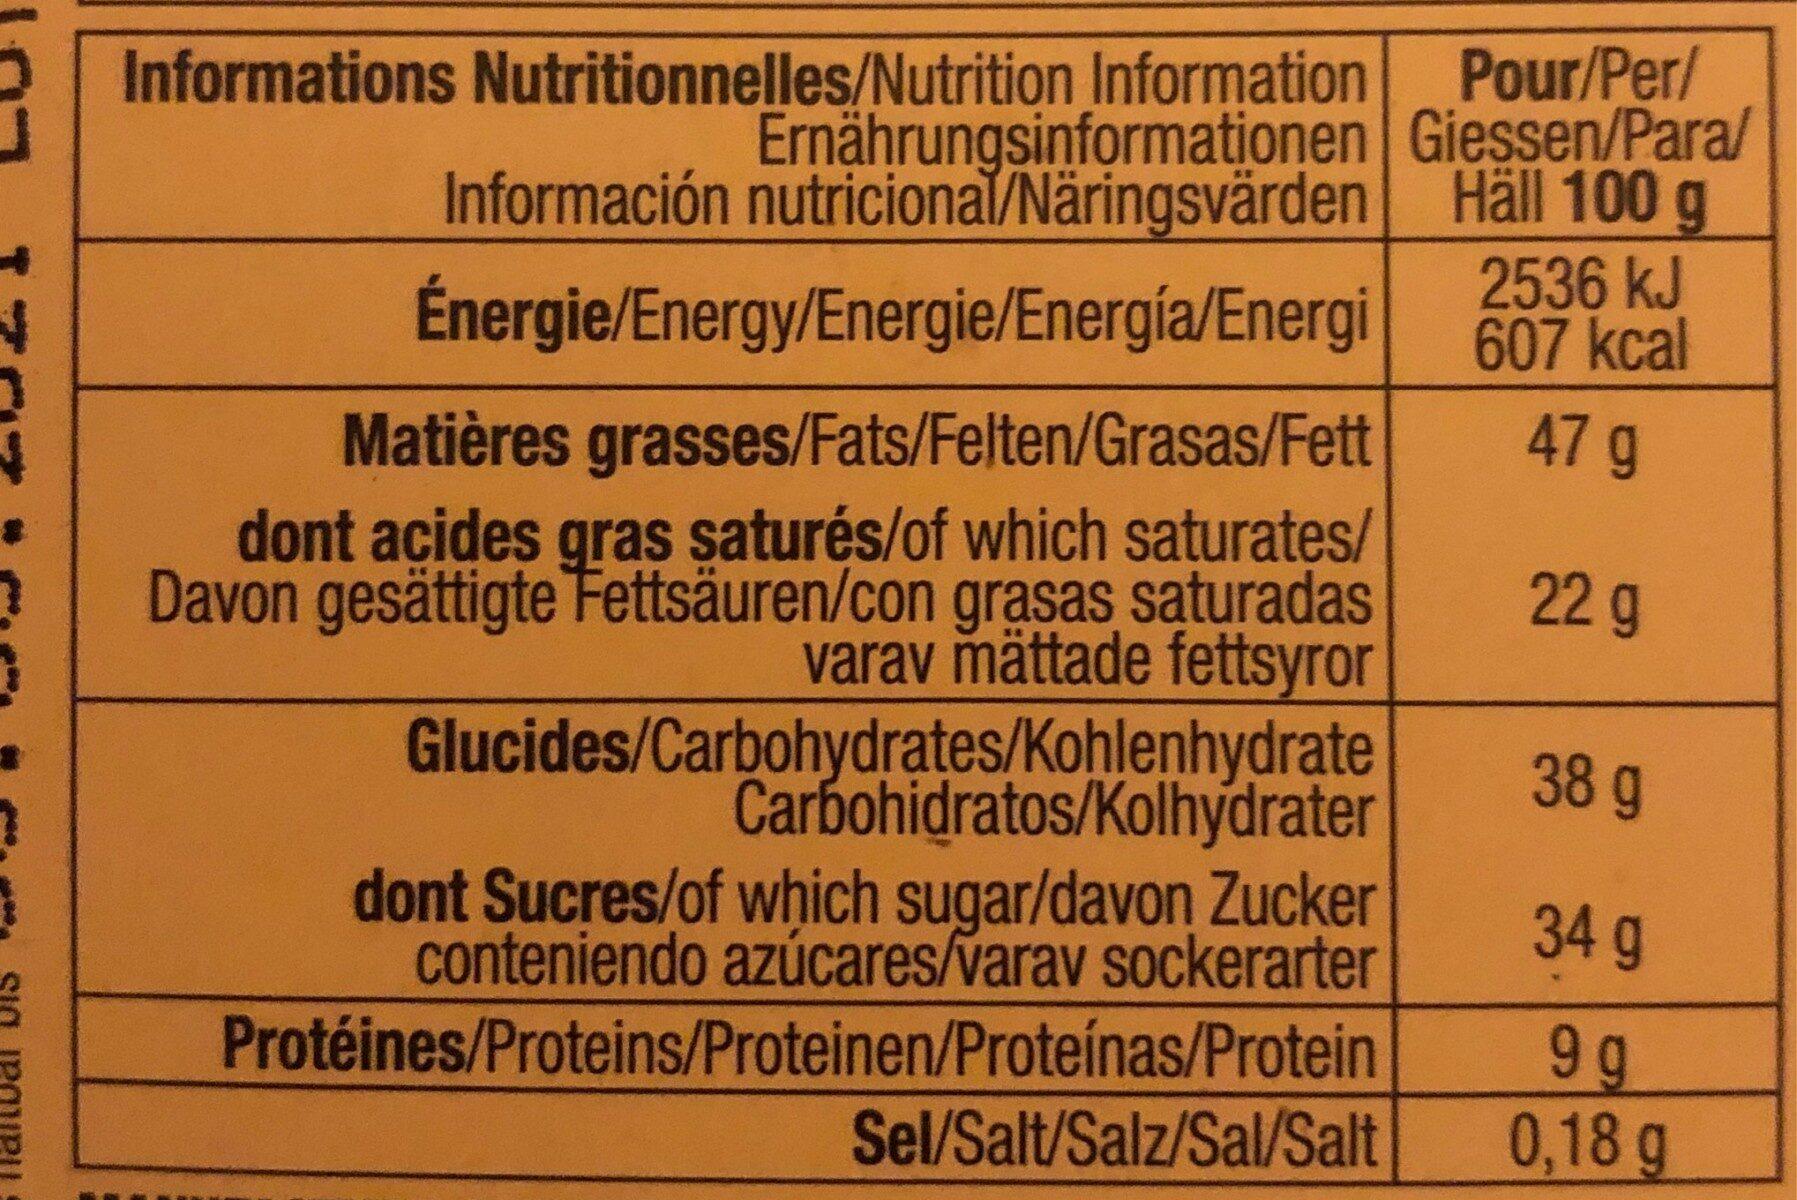 Tablette Chocolat Lait Et Noisettes - Nutrition facts - fr